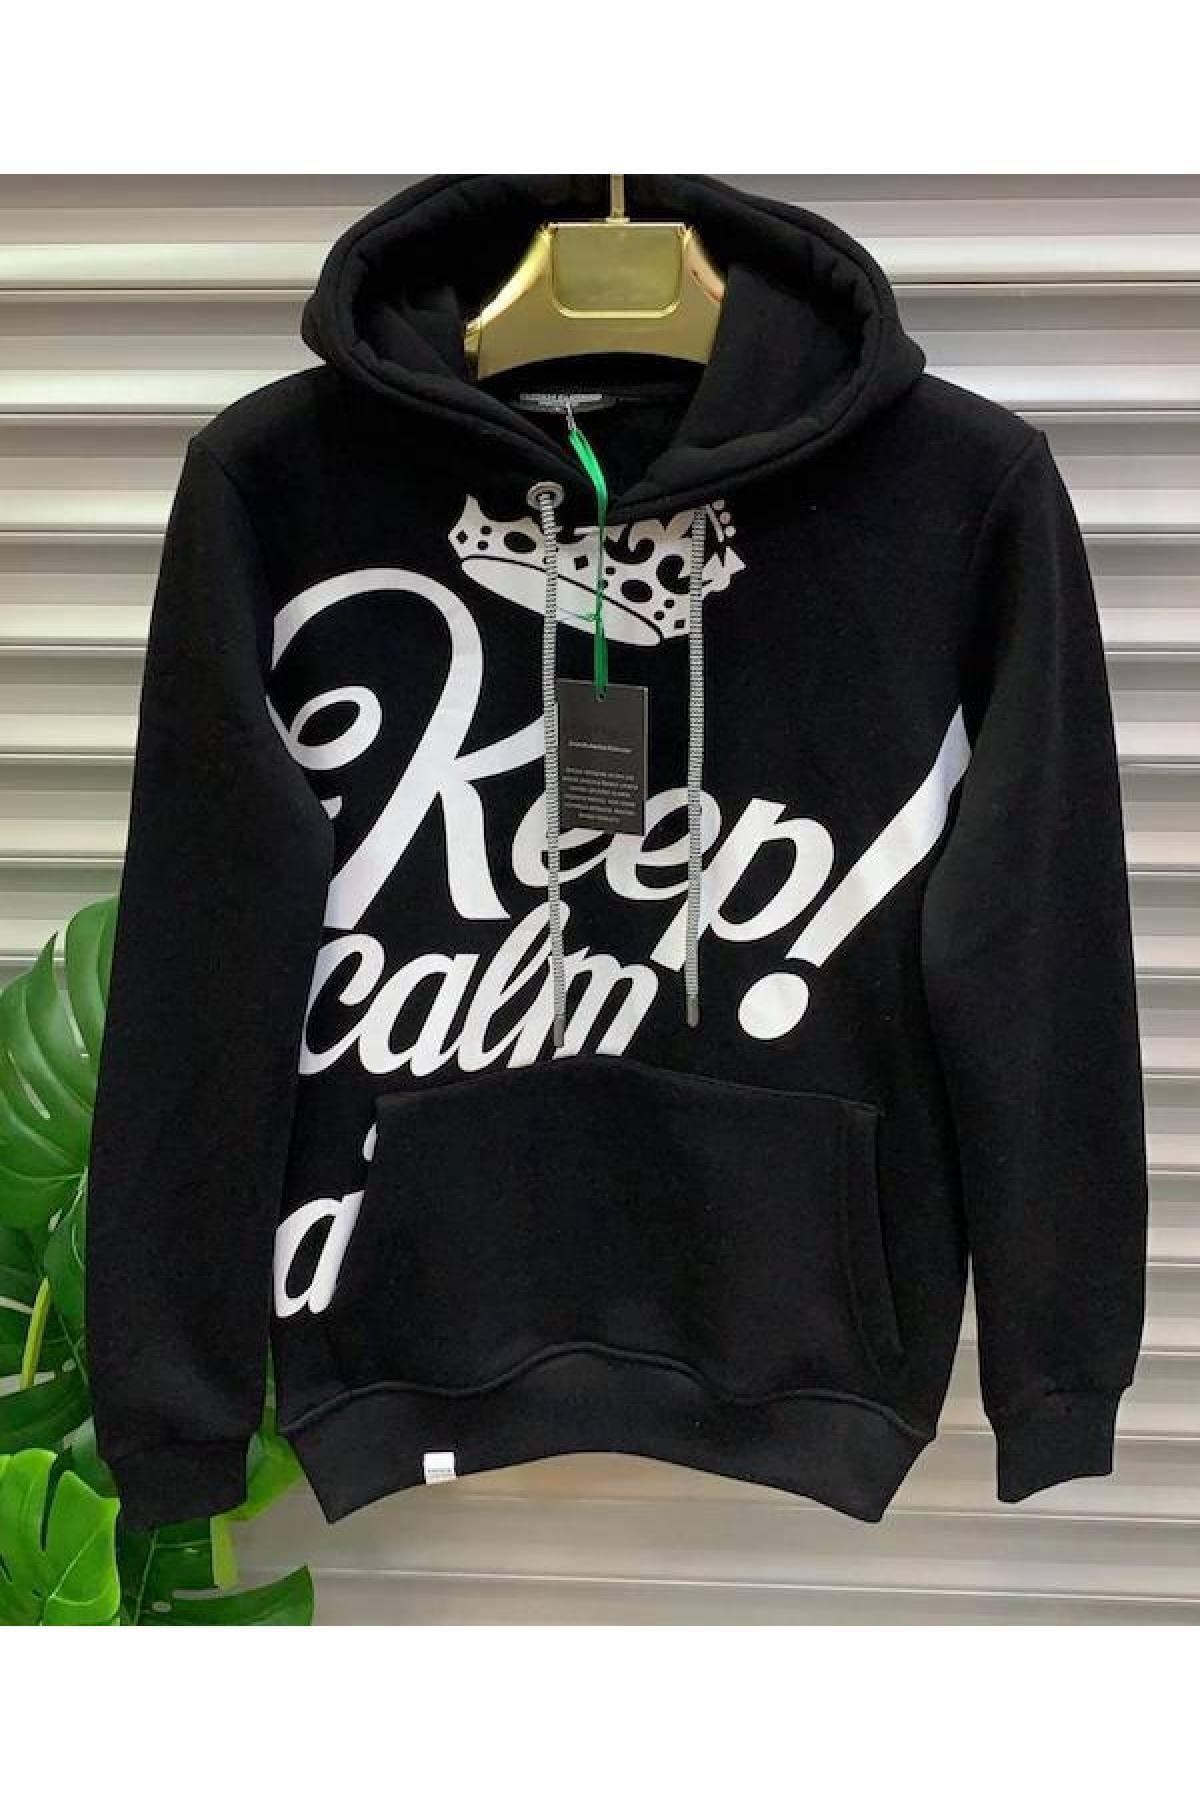 peron 34 clothing Peron34 Clothing Siyah Kanguru Cepli Kapüşonlu Sweatshirt 1